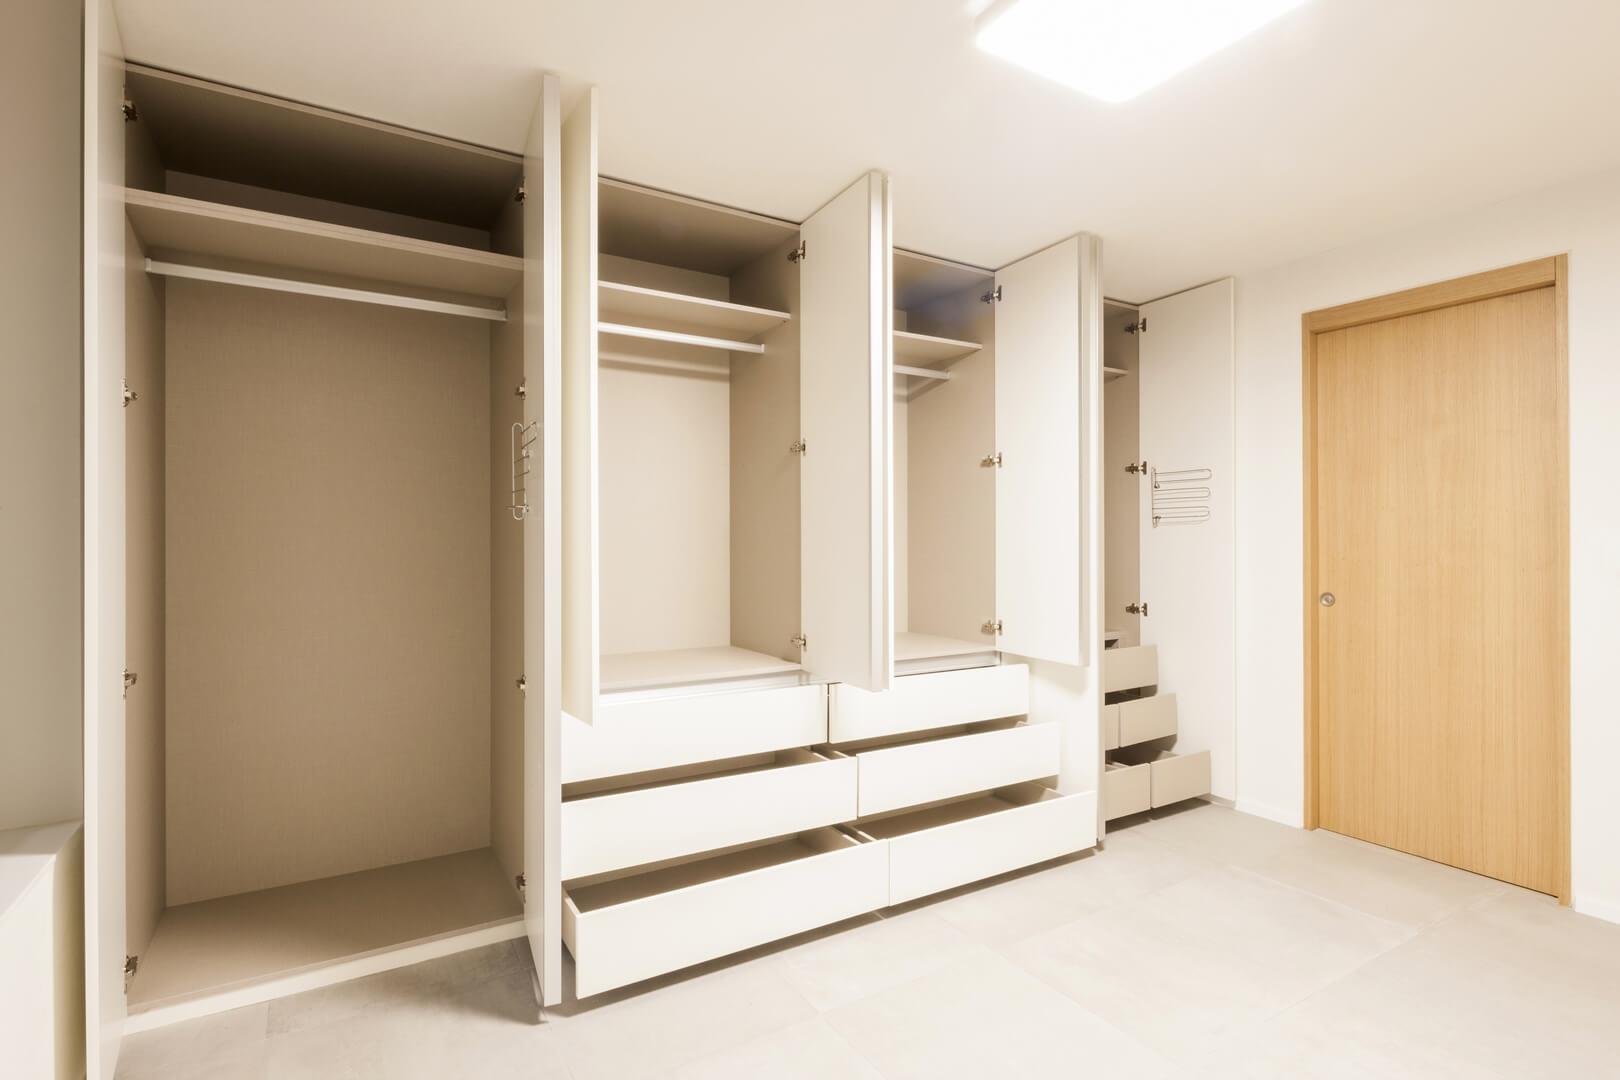 Biała szafa do przedpokoju z drzwiami otwieranymi